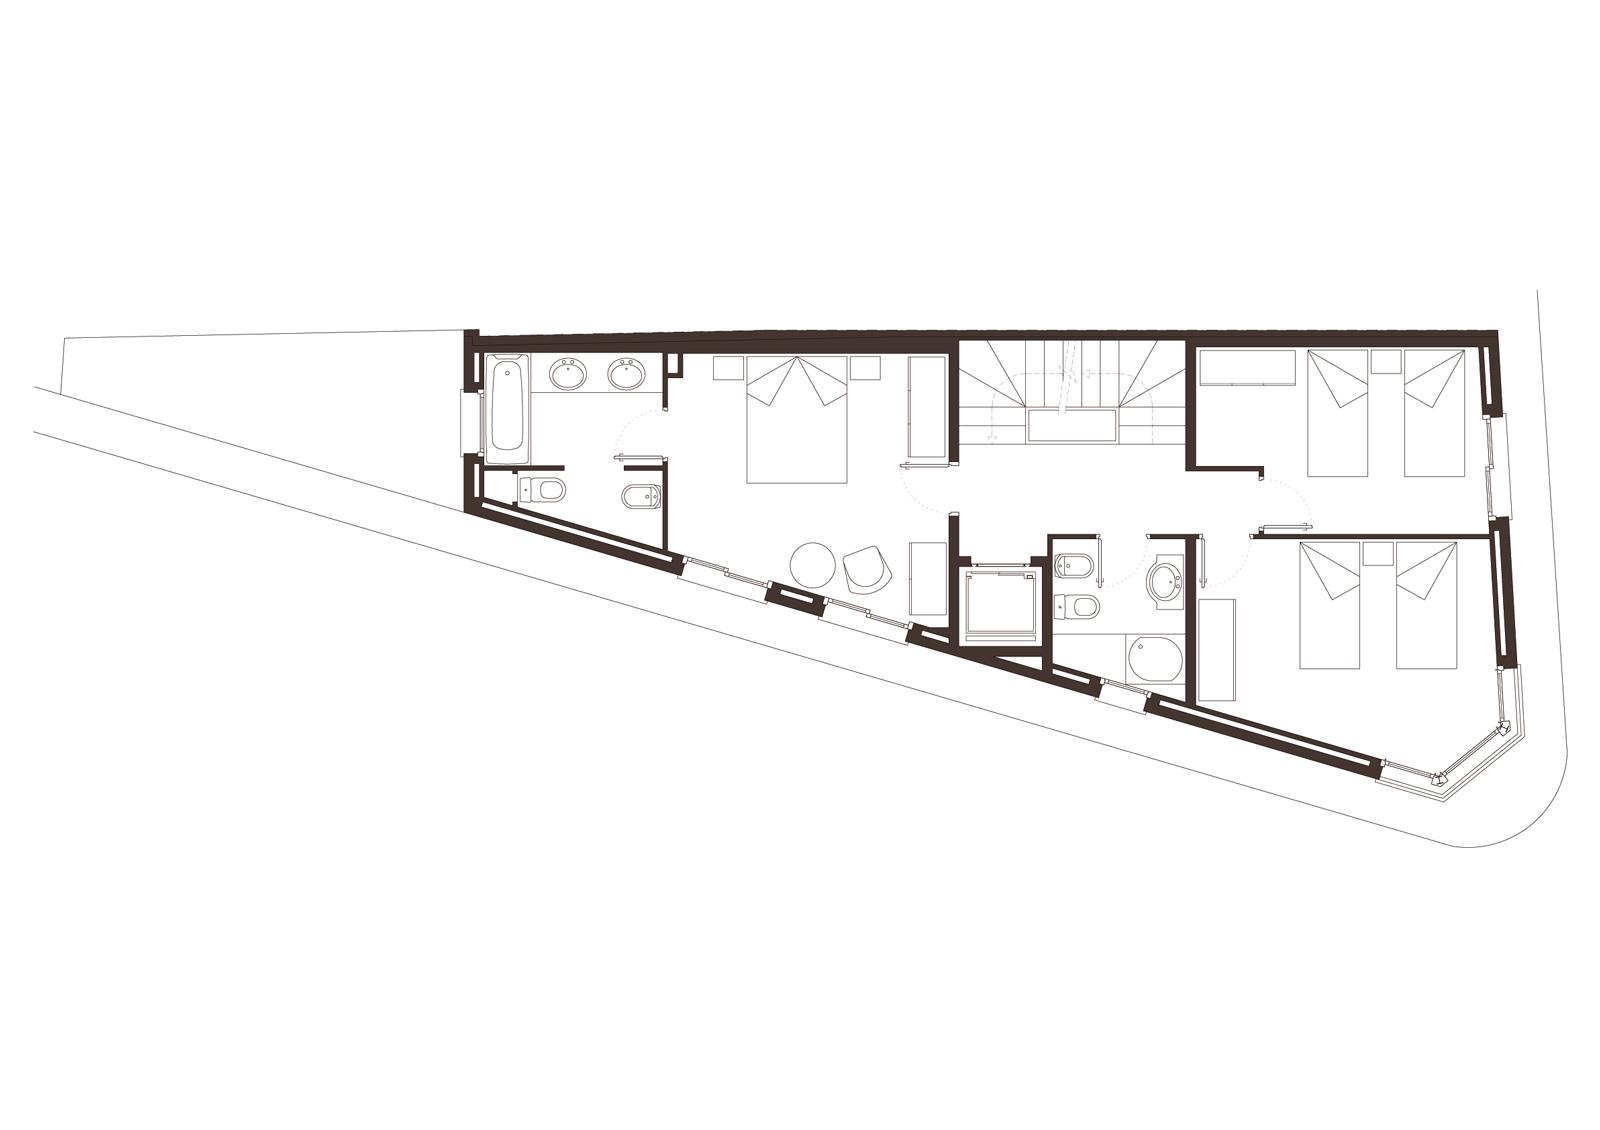 Planta segona. Projecte d'obra nova: 1998 Habitatge unifamiliar cantonada